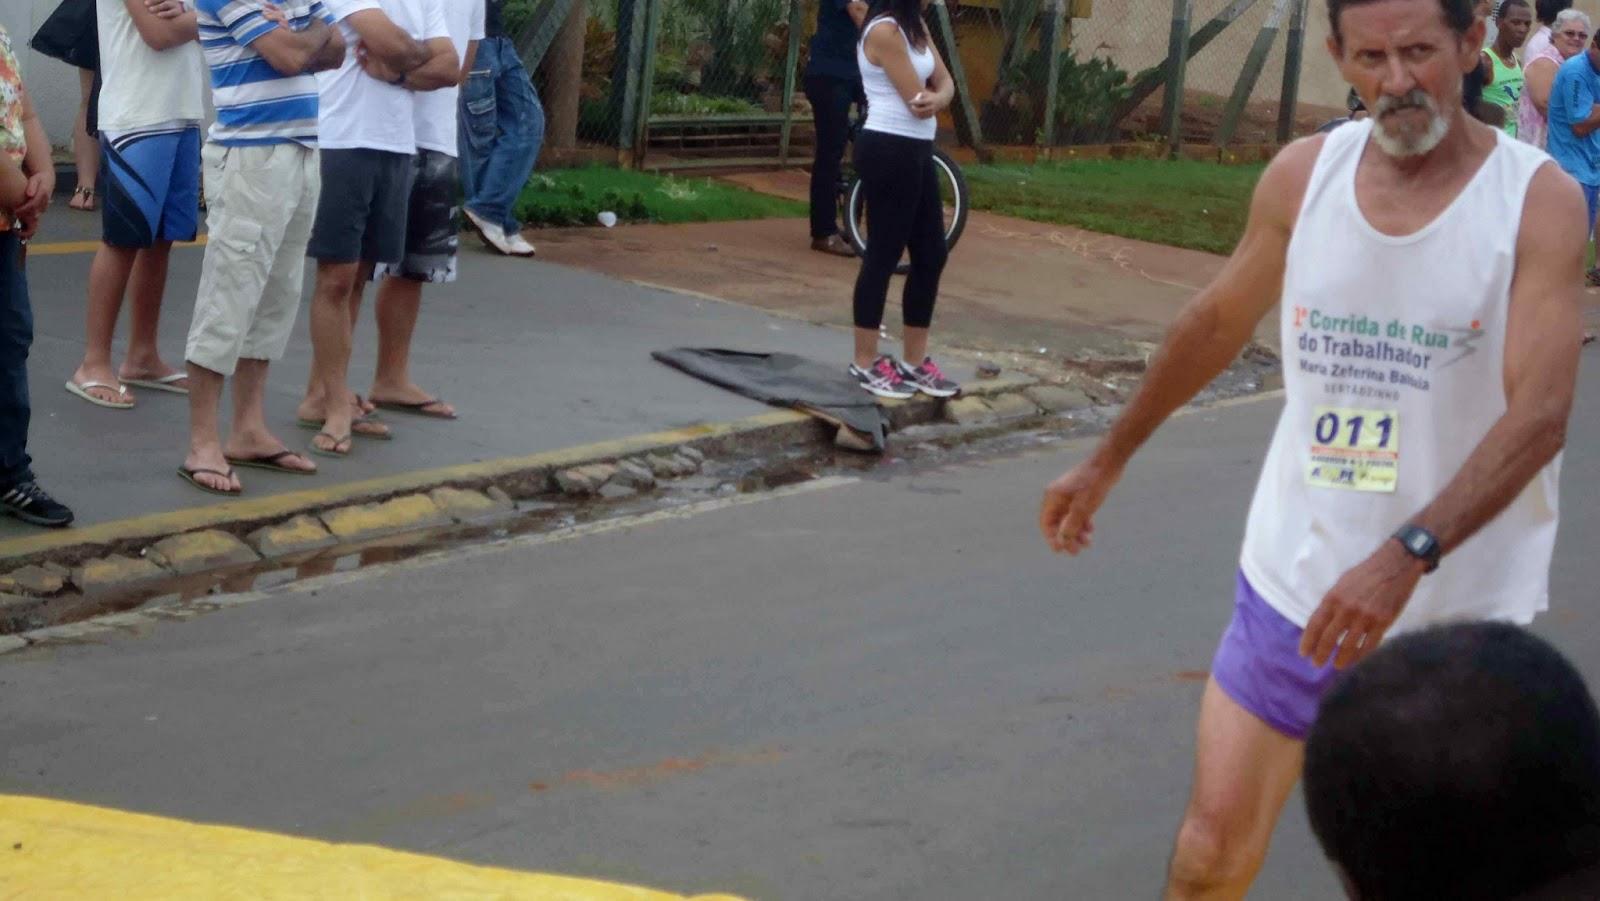 Foto 117 da 1ª Corrida Av. dos Coqueiros em Barretos-SP 14/04/2013 – Atletas cruzando a linha de chegada